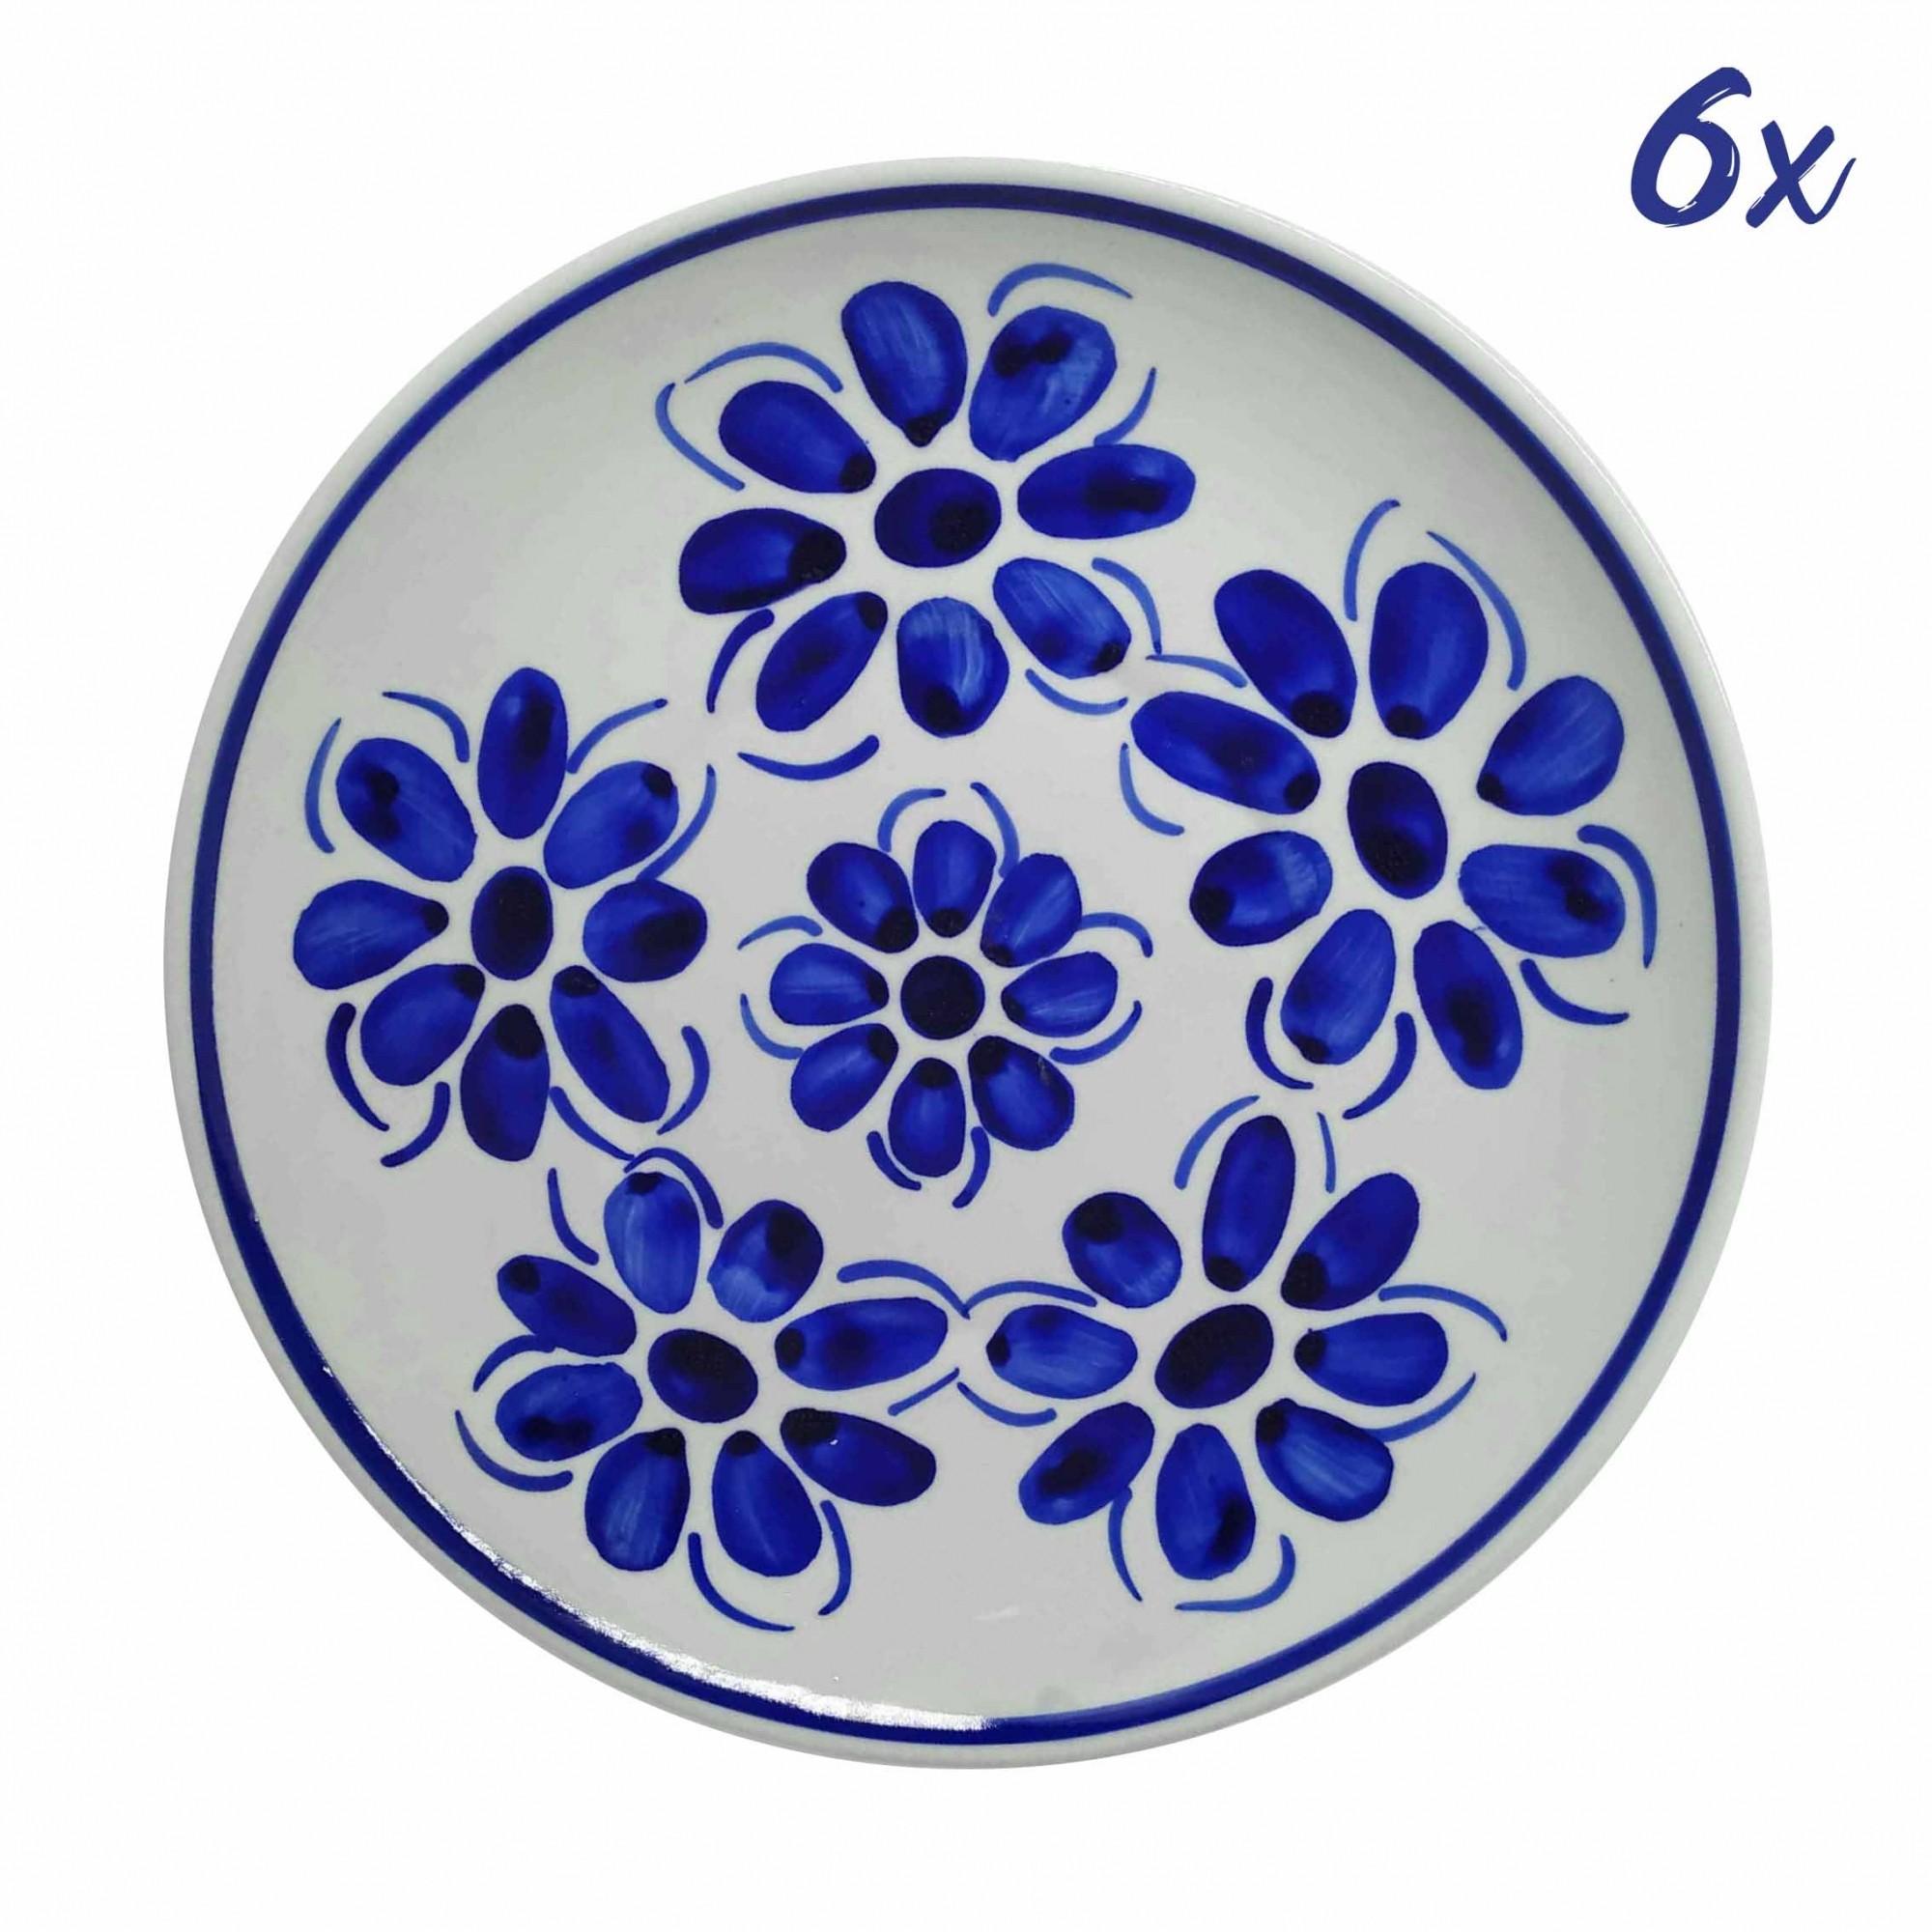 Jogo de 6 Pratos Rasos 22,5 cm Porcelana Azul Vintage